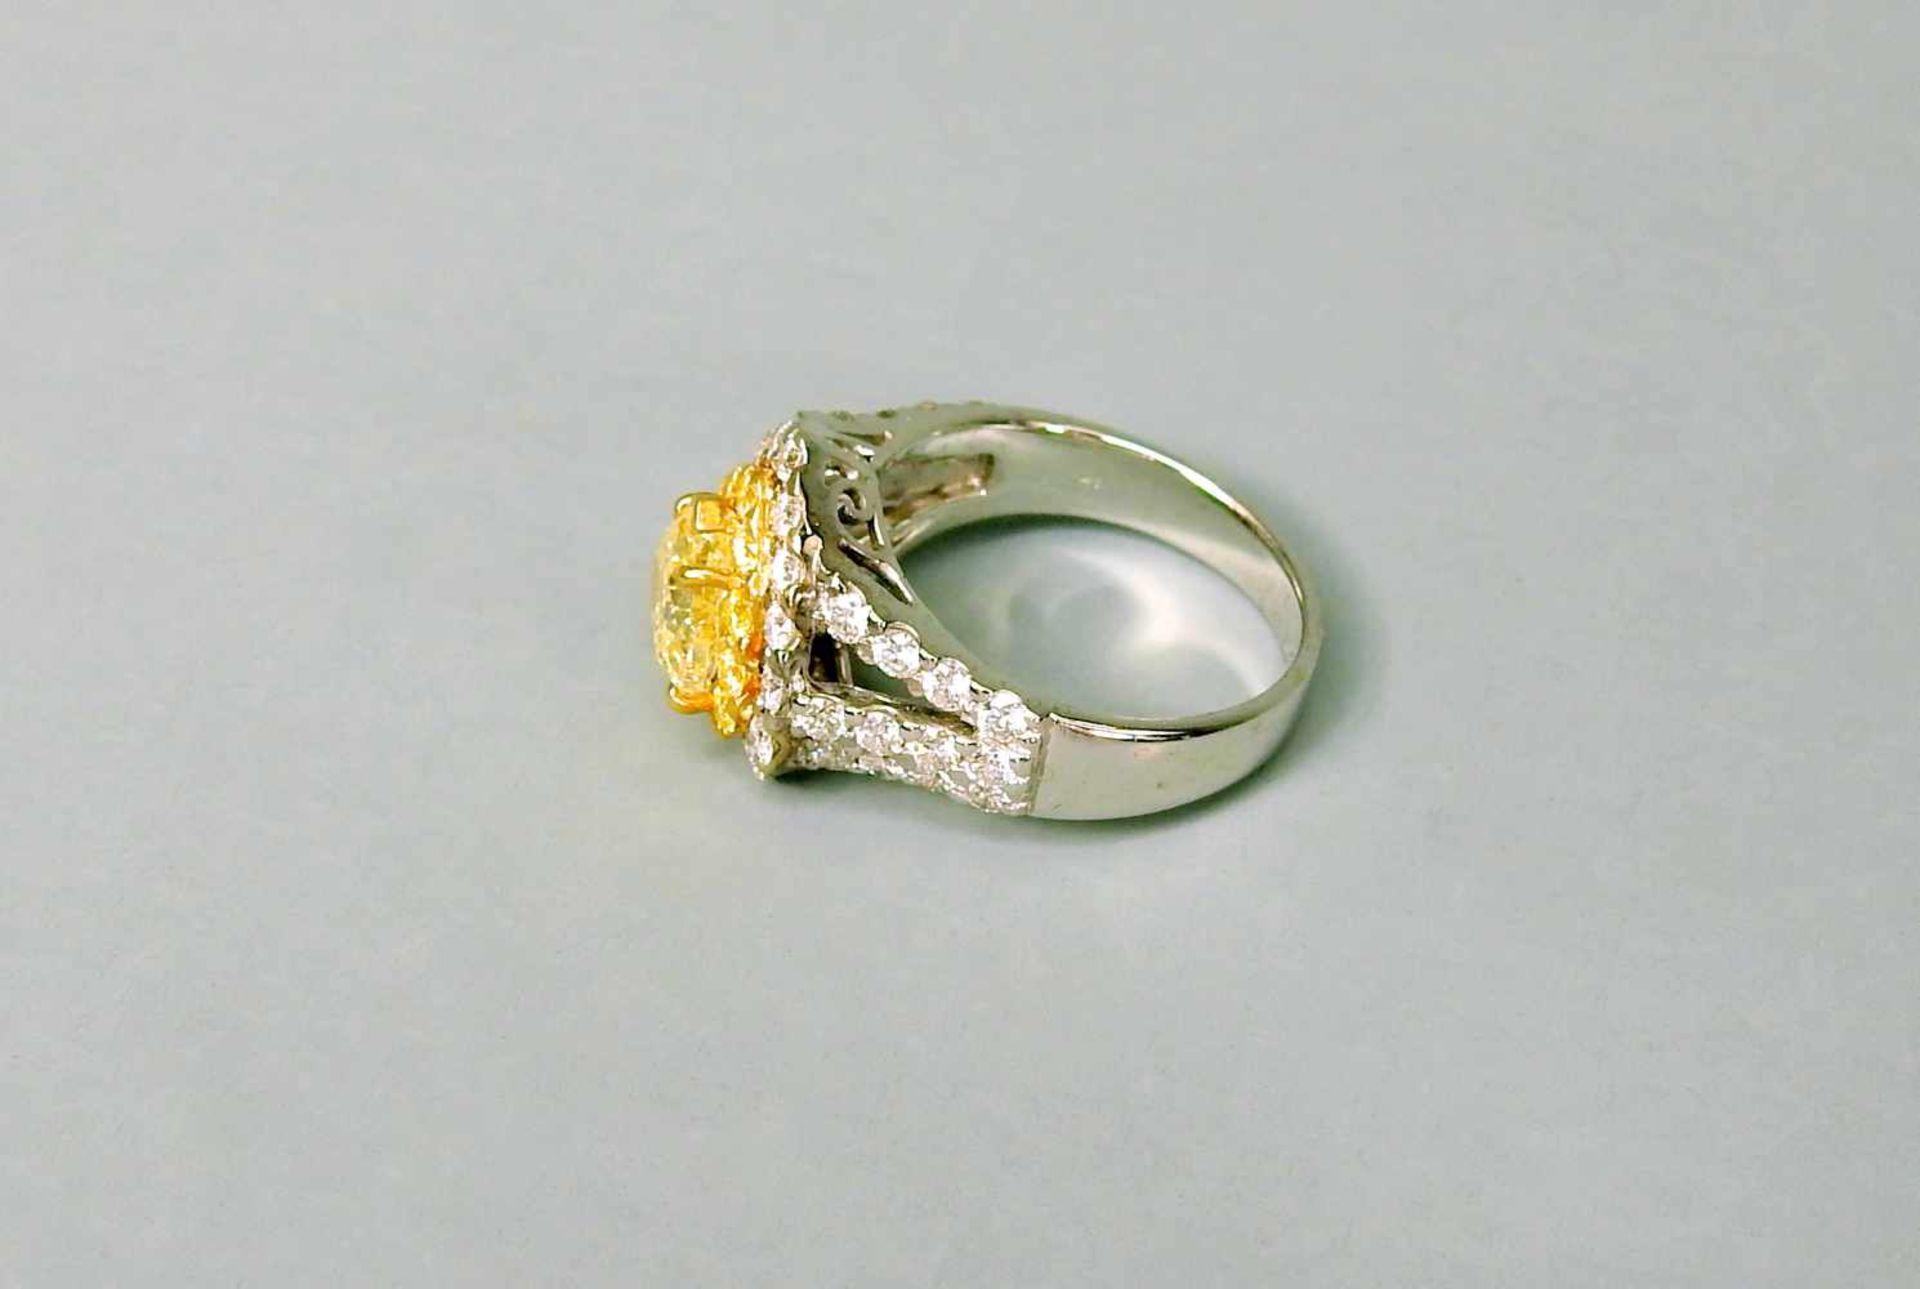 Außergewöhnlicher Diamantring18 K Weißgold. Auffälliger herzförmiger, gelber Diam - Image 2 of 3